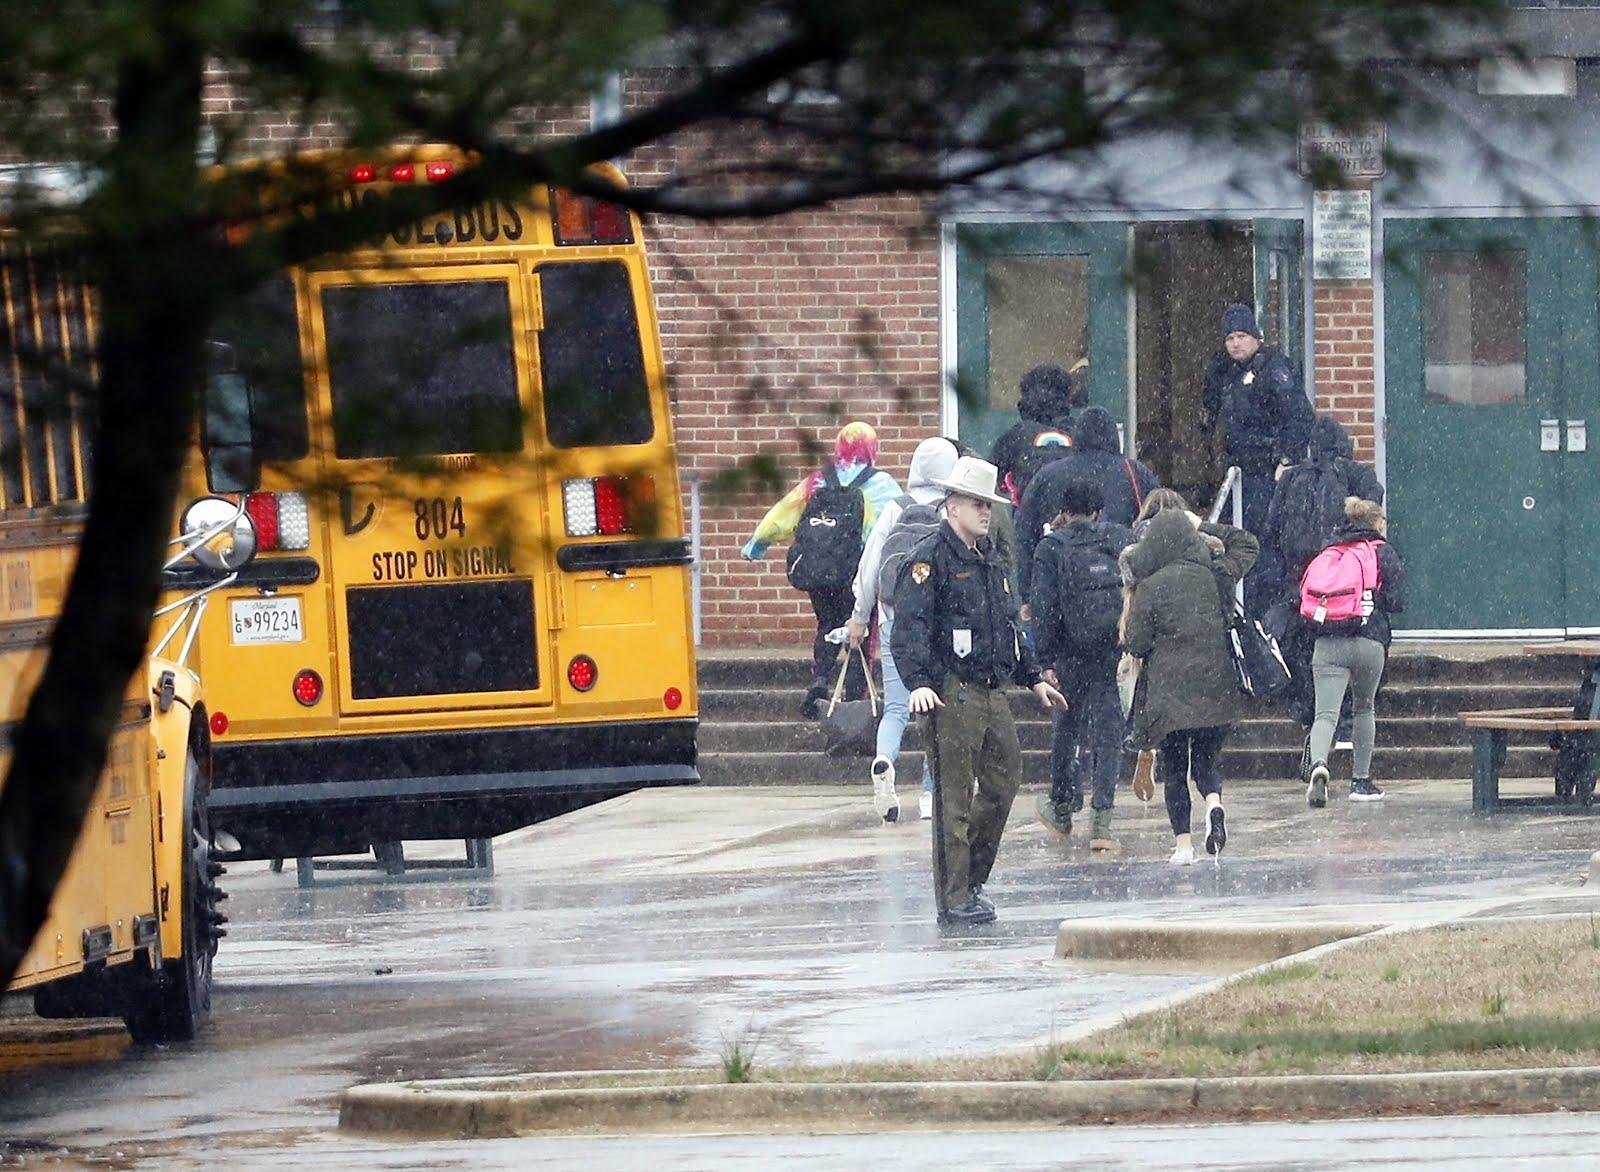 Maryland: Atirador abre fogo em escola e é morto por segurança armado